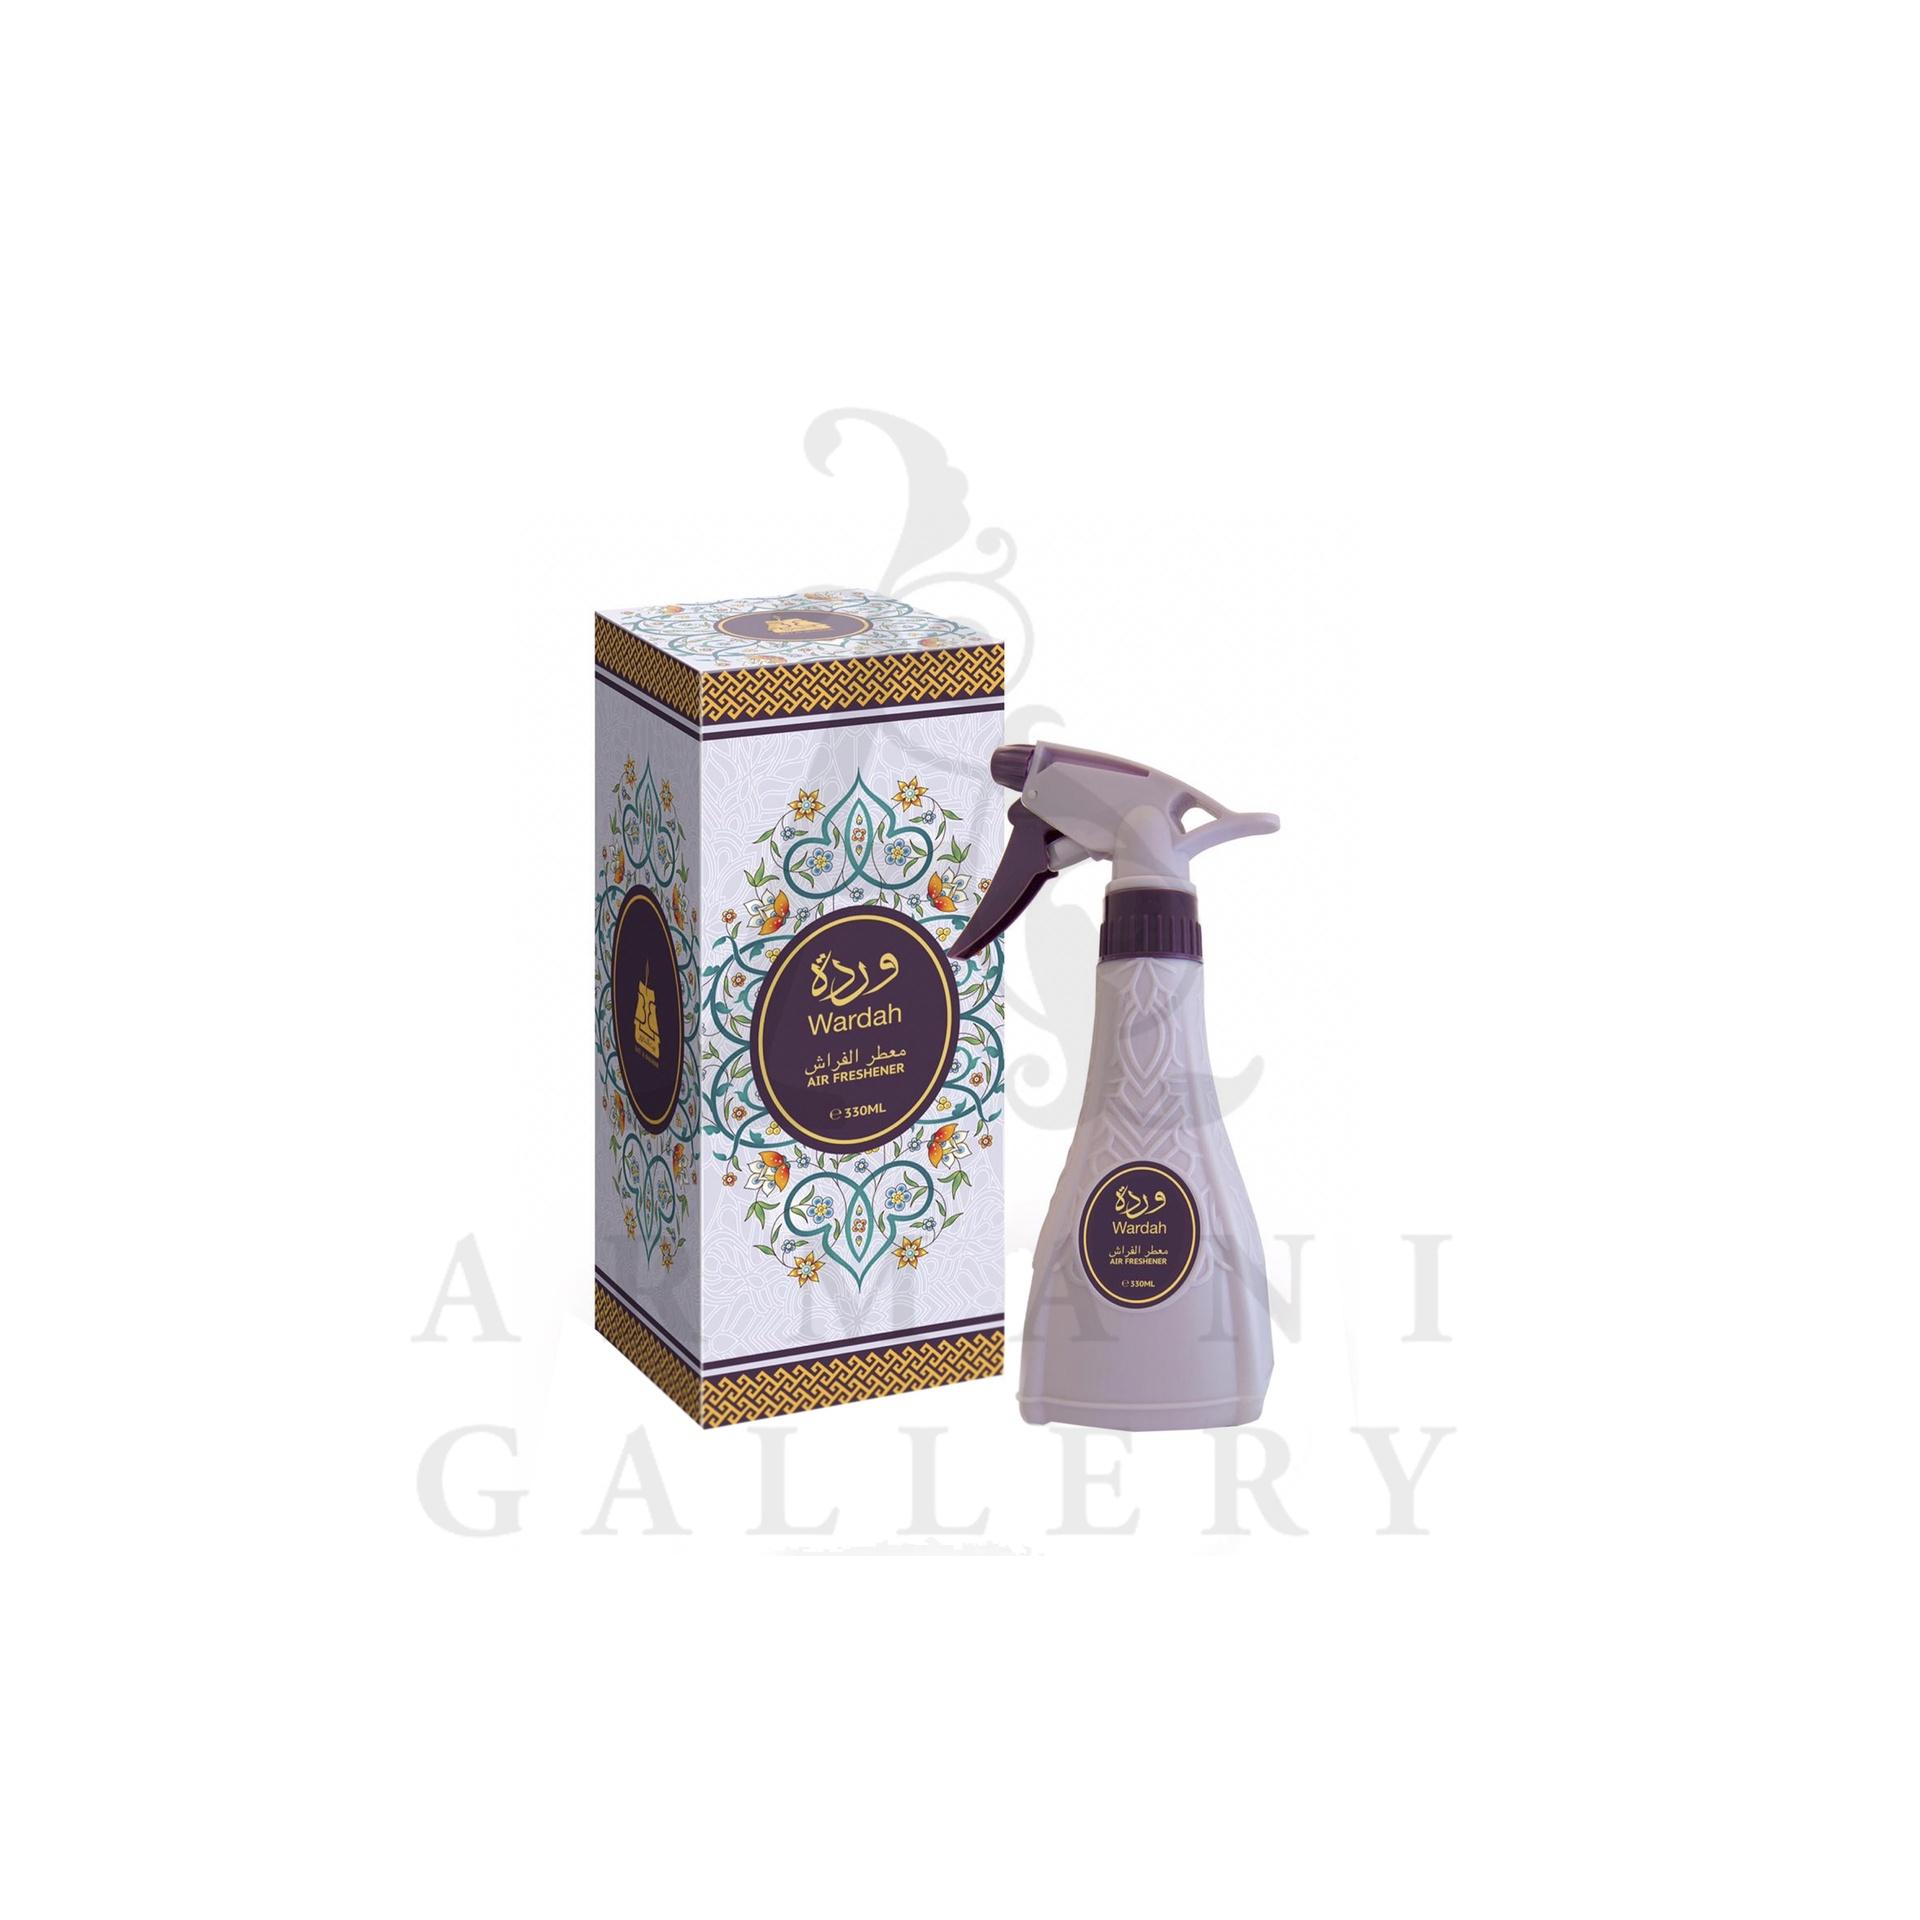 Buy Air Freshener House Of Bakhoor Wardah Rose 330ML